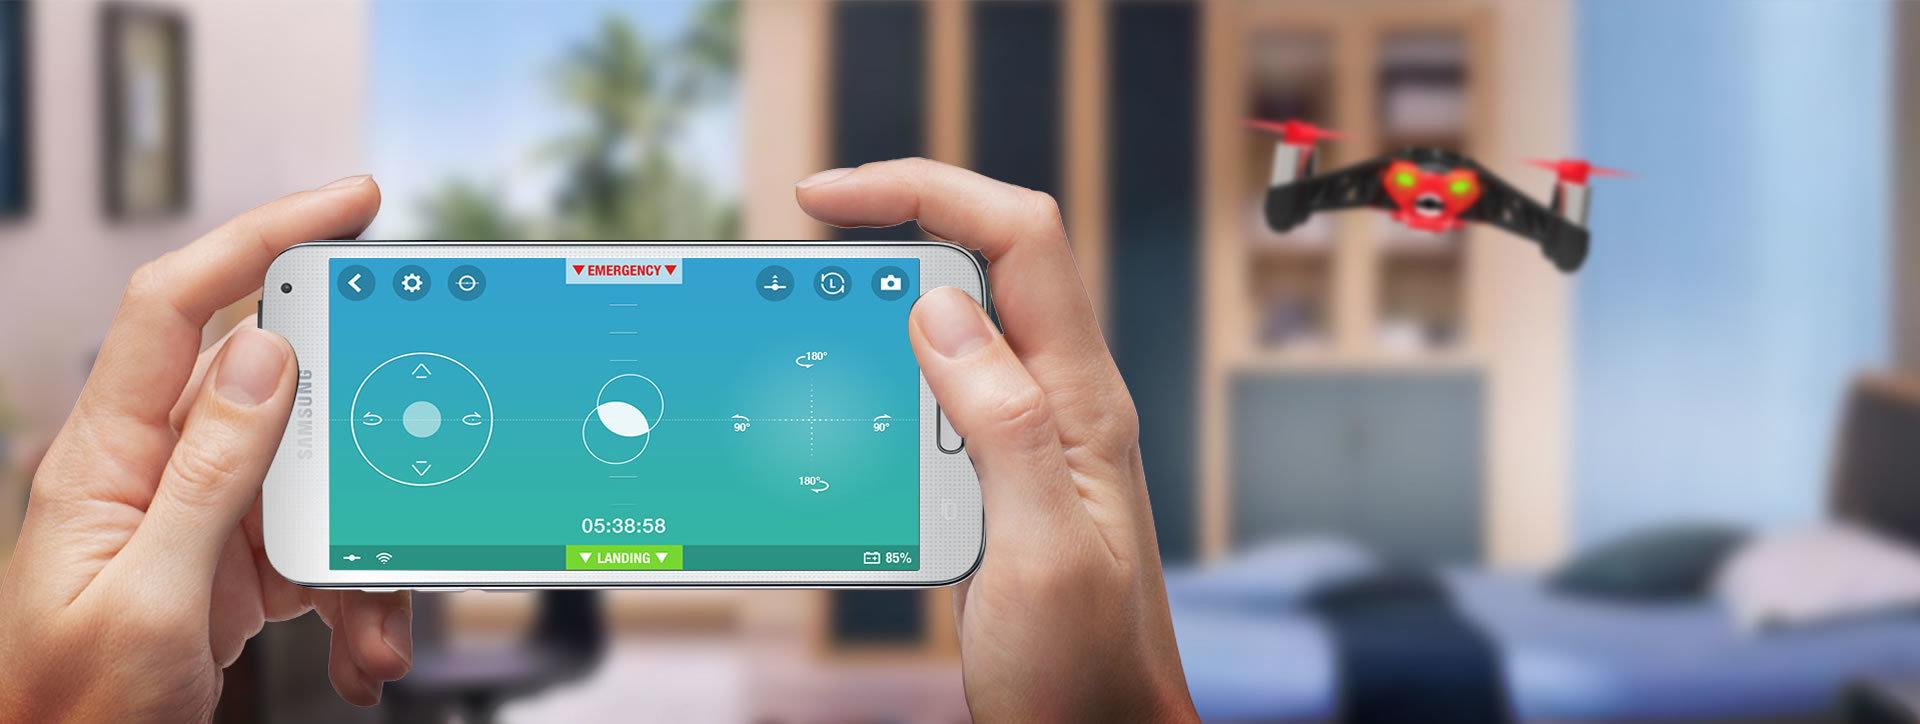 Freeflight App für iOS, Android und Windows